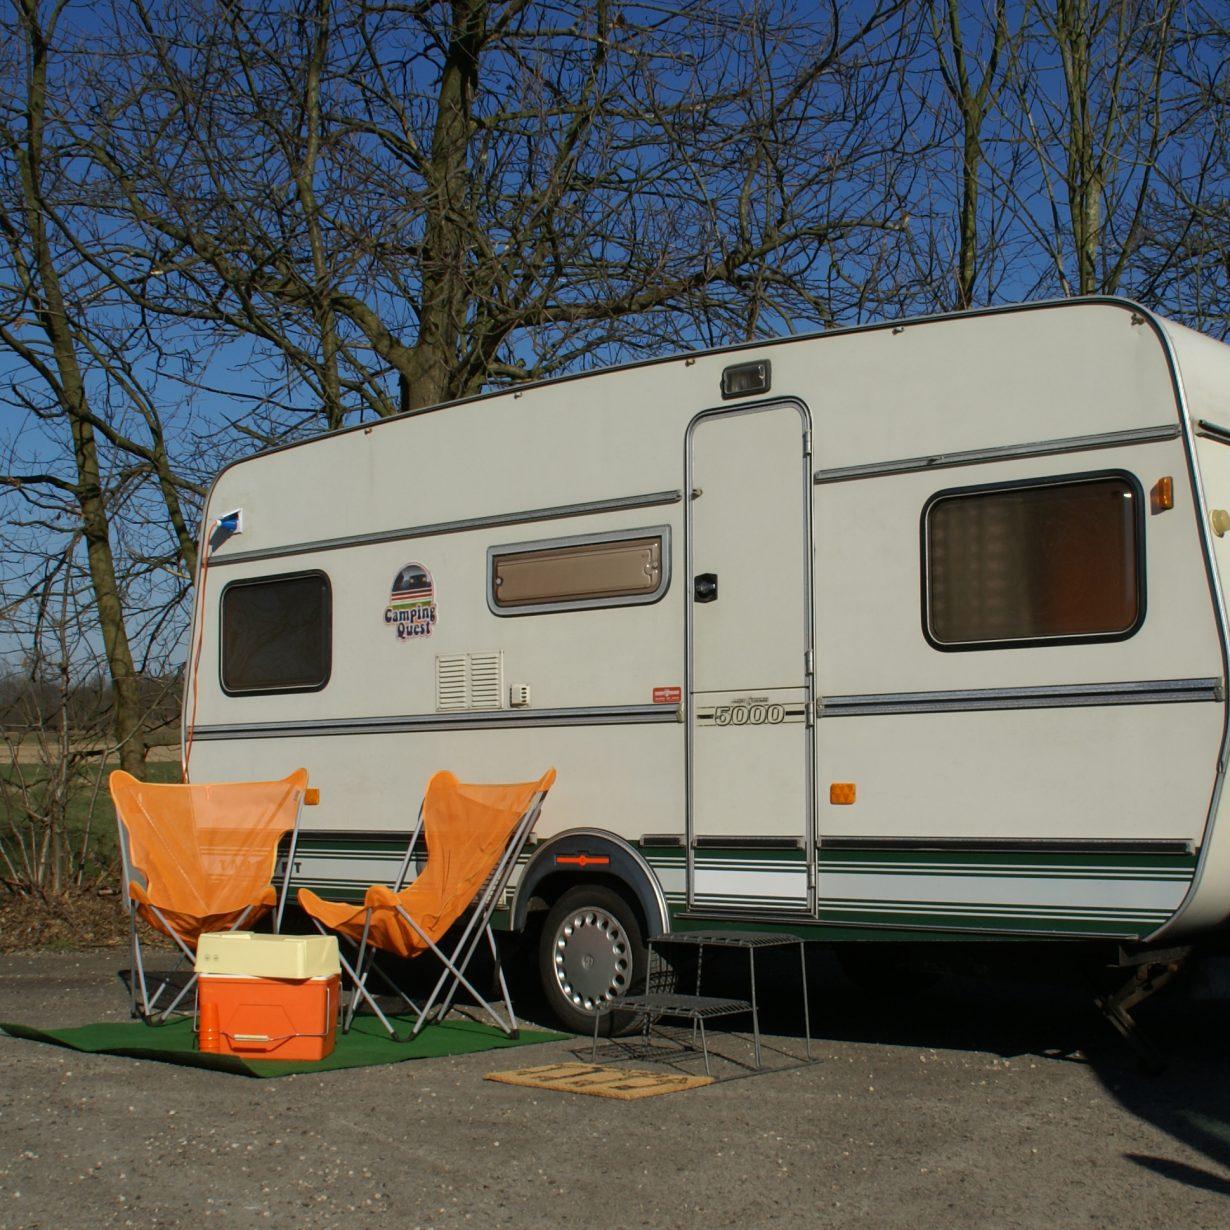 Mobiele escape room in een caravan. Teambuilding op locatie.